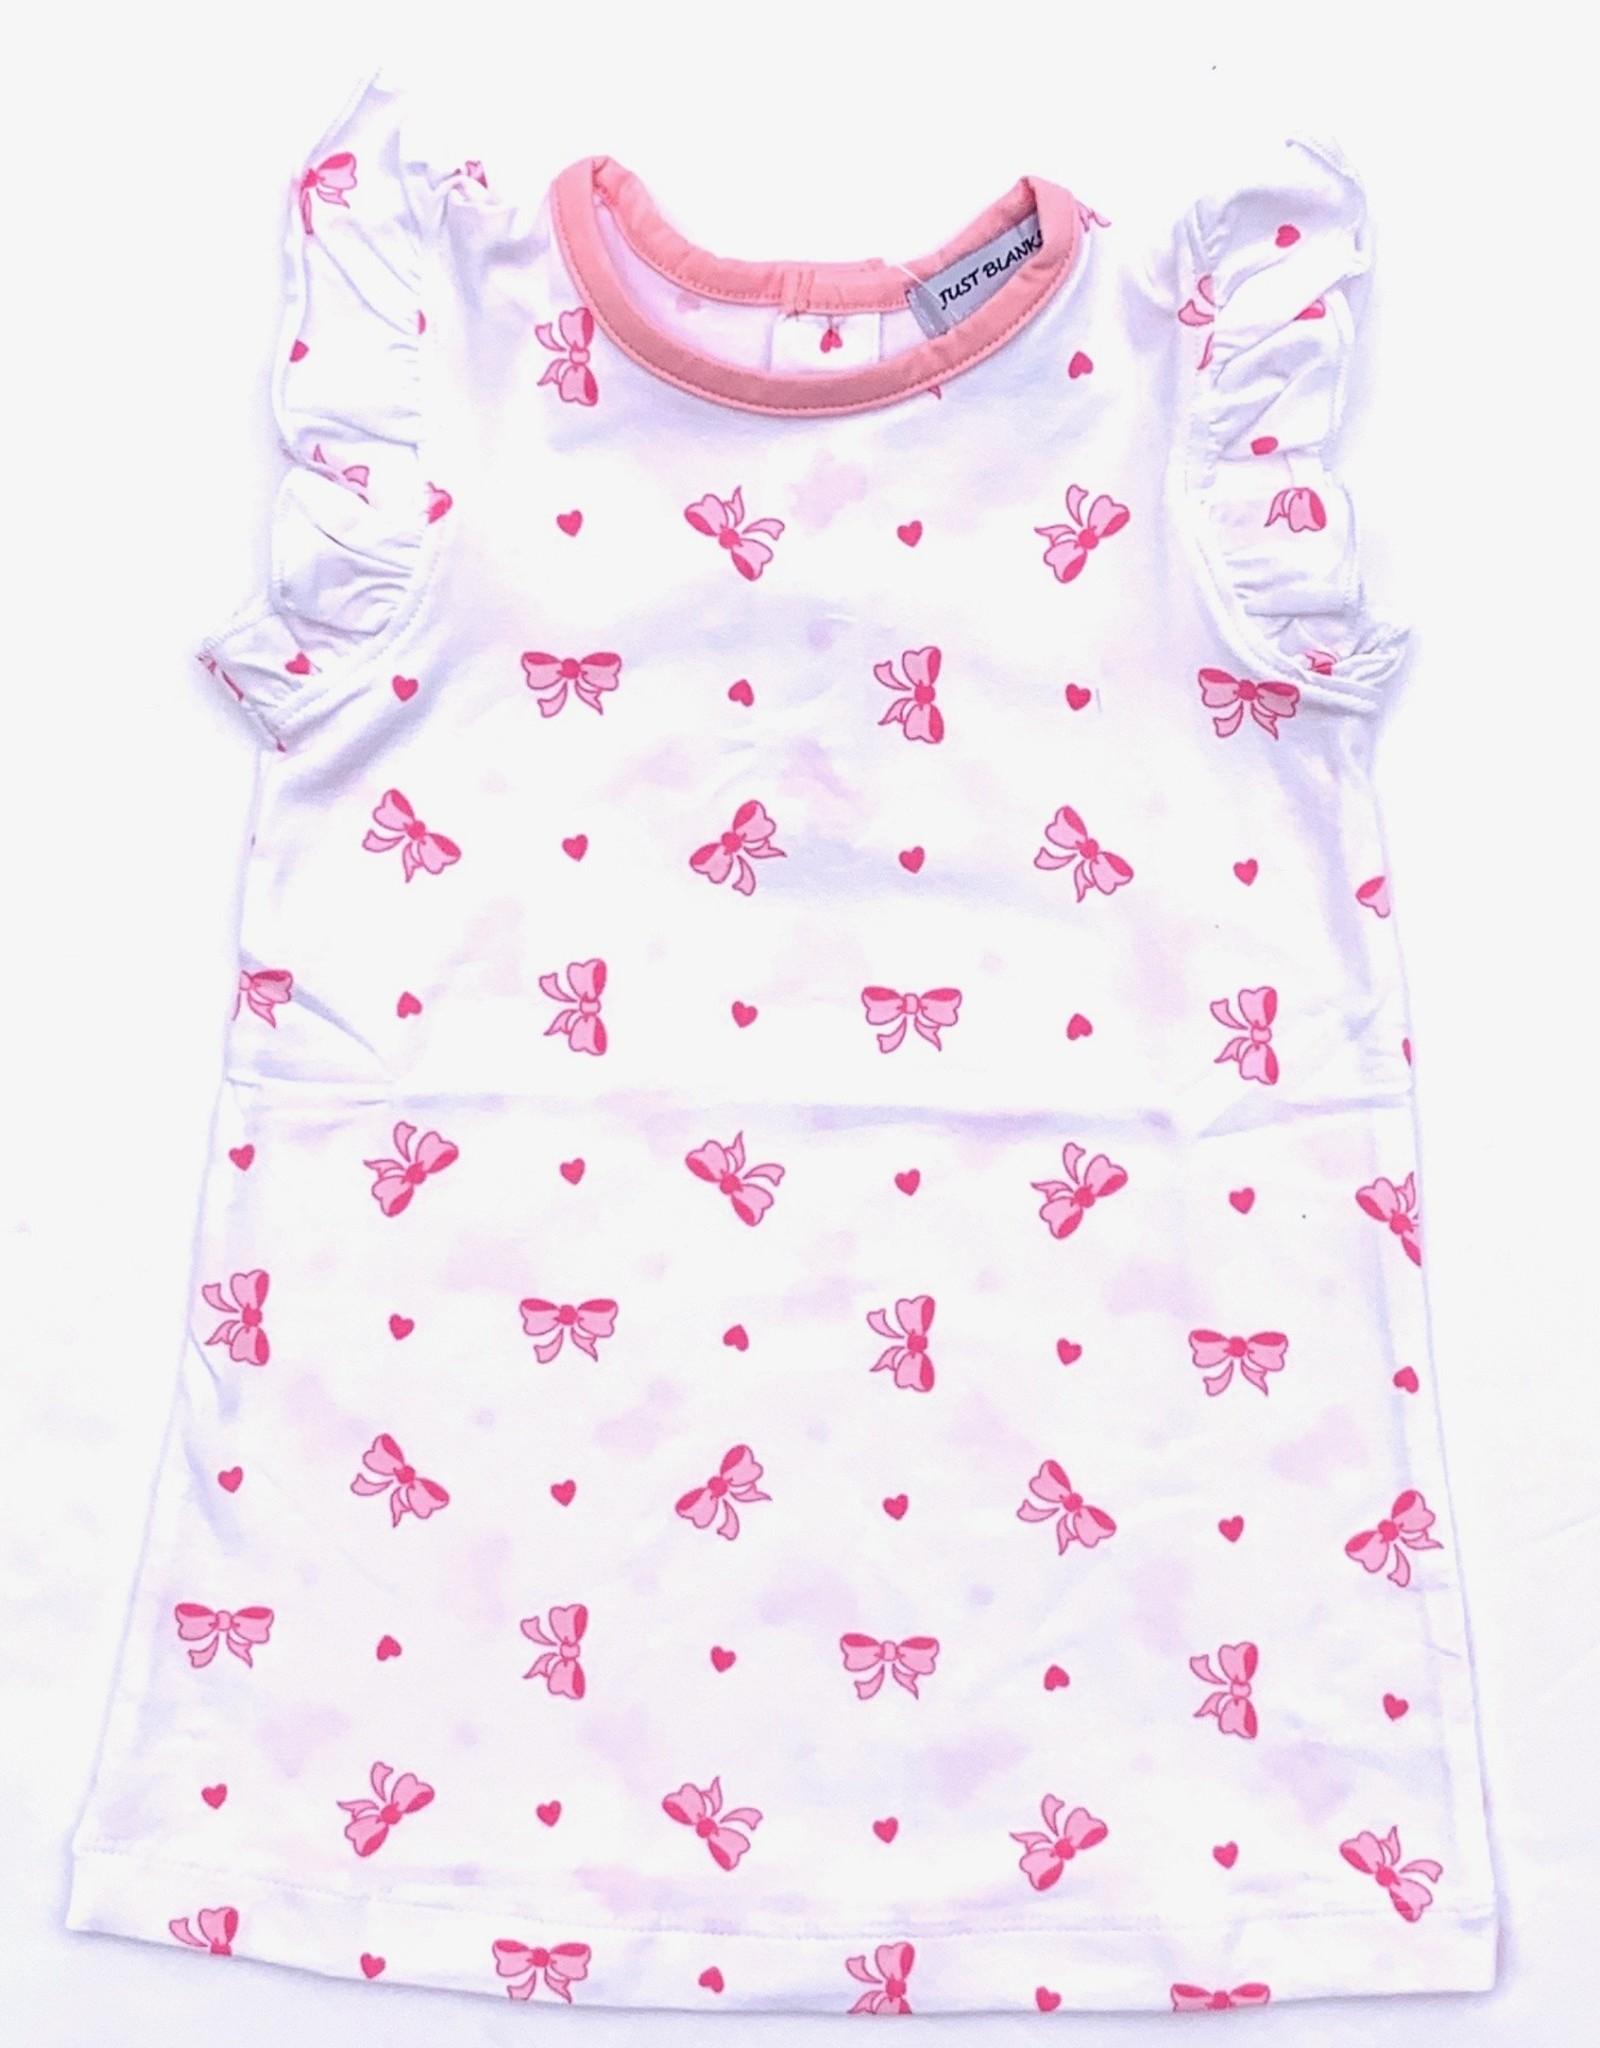 Ishtex Bow and Heart Angel Sleeve Dress